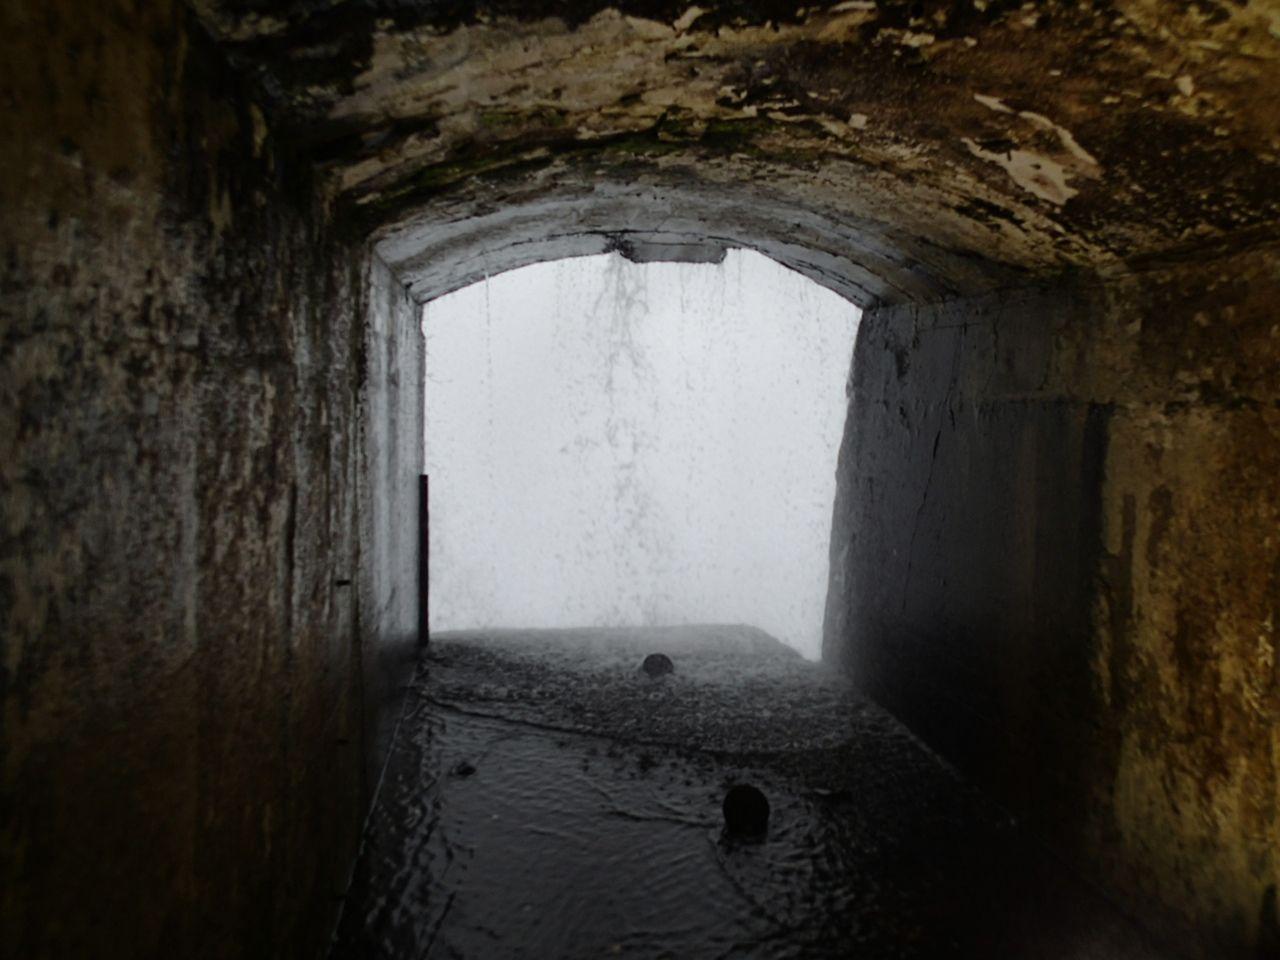 滝の裏側探検「ジャーニー・ビハインド・ザ・フォールス」